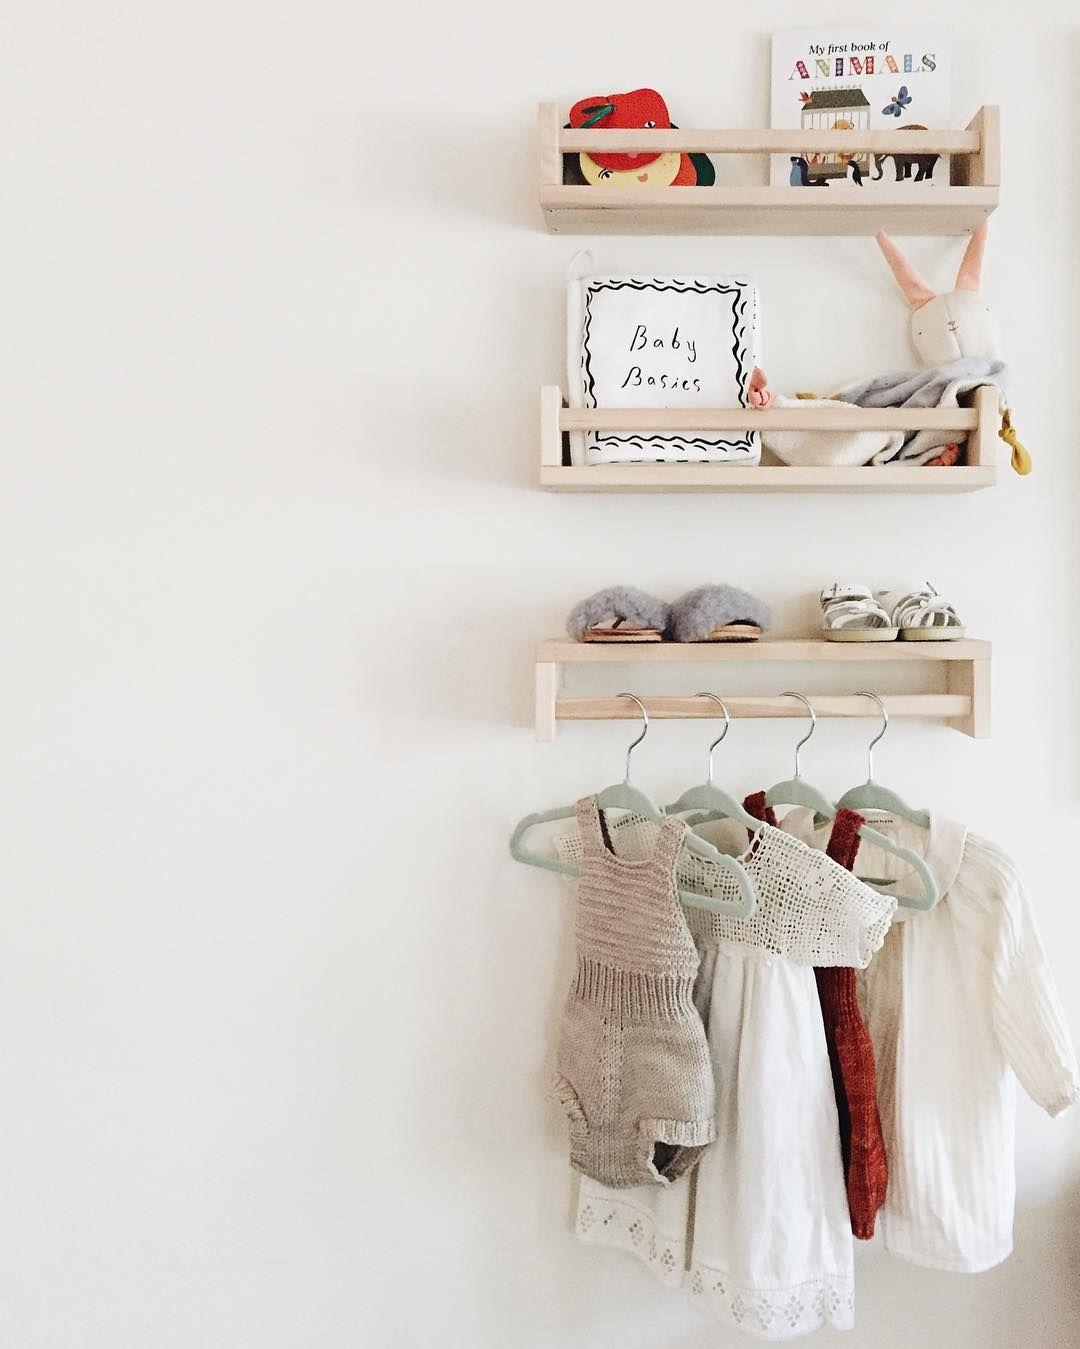 Ikea Gewürzregal Bekväm Im Kinderzimmer Für Bücher Und Als